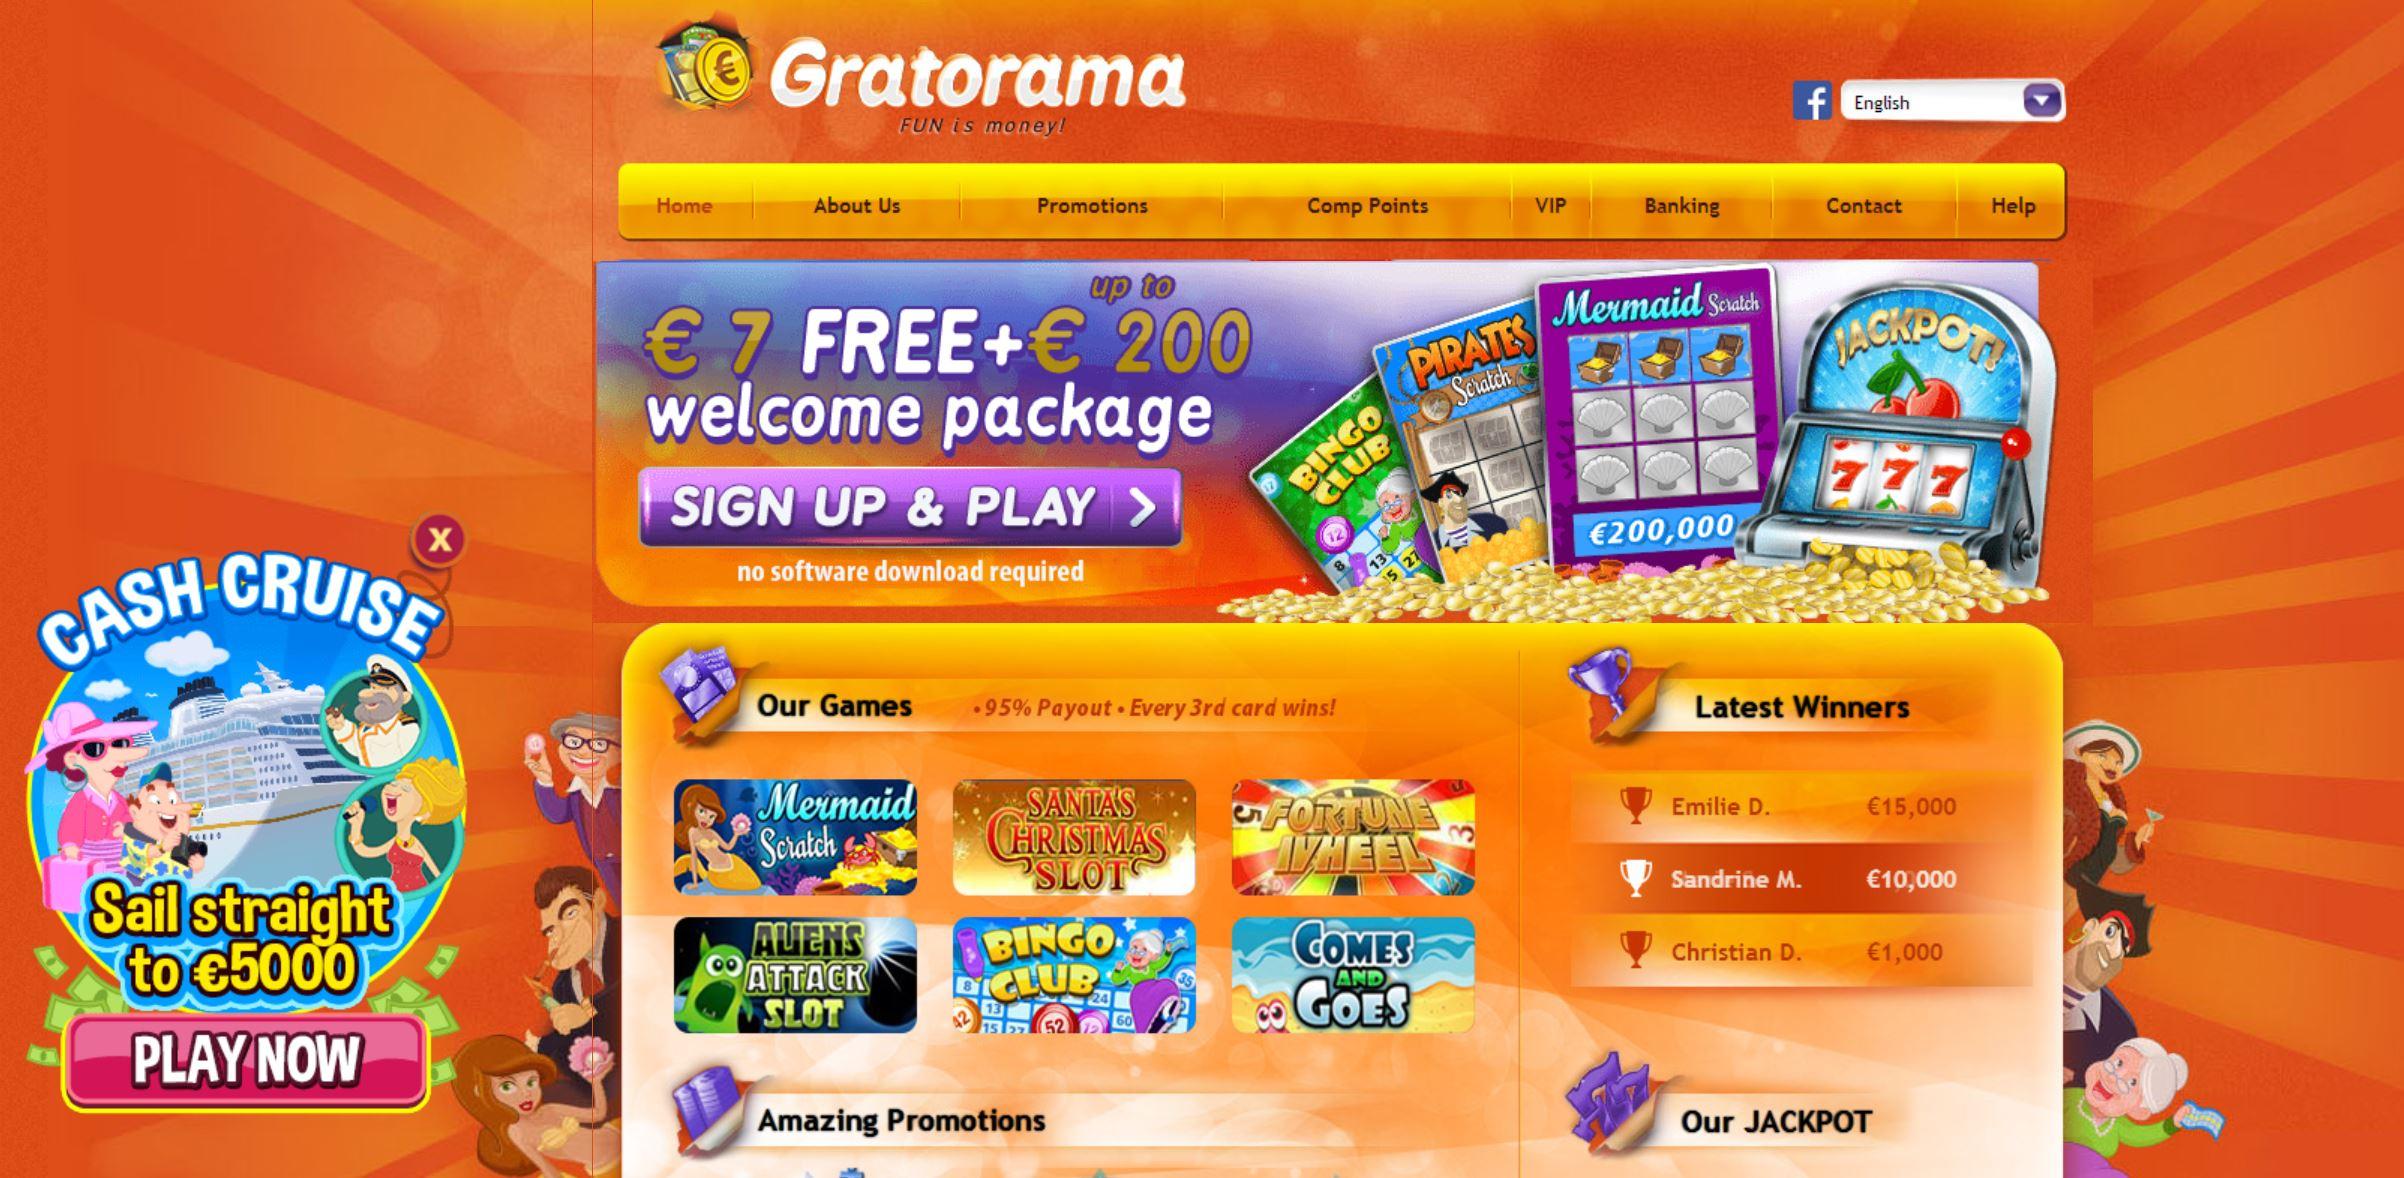 Gratorama casino, un avis pour mettre en lumière la fiabilité de cette plateforme